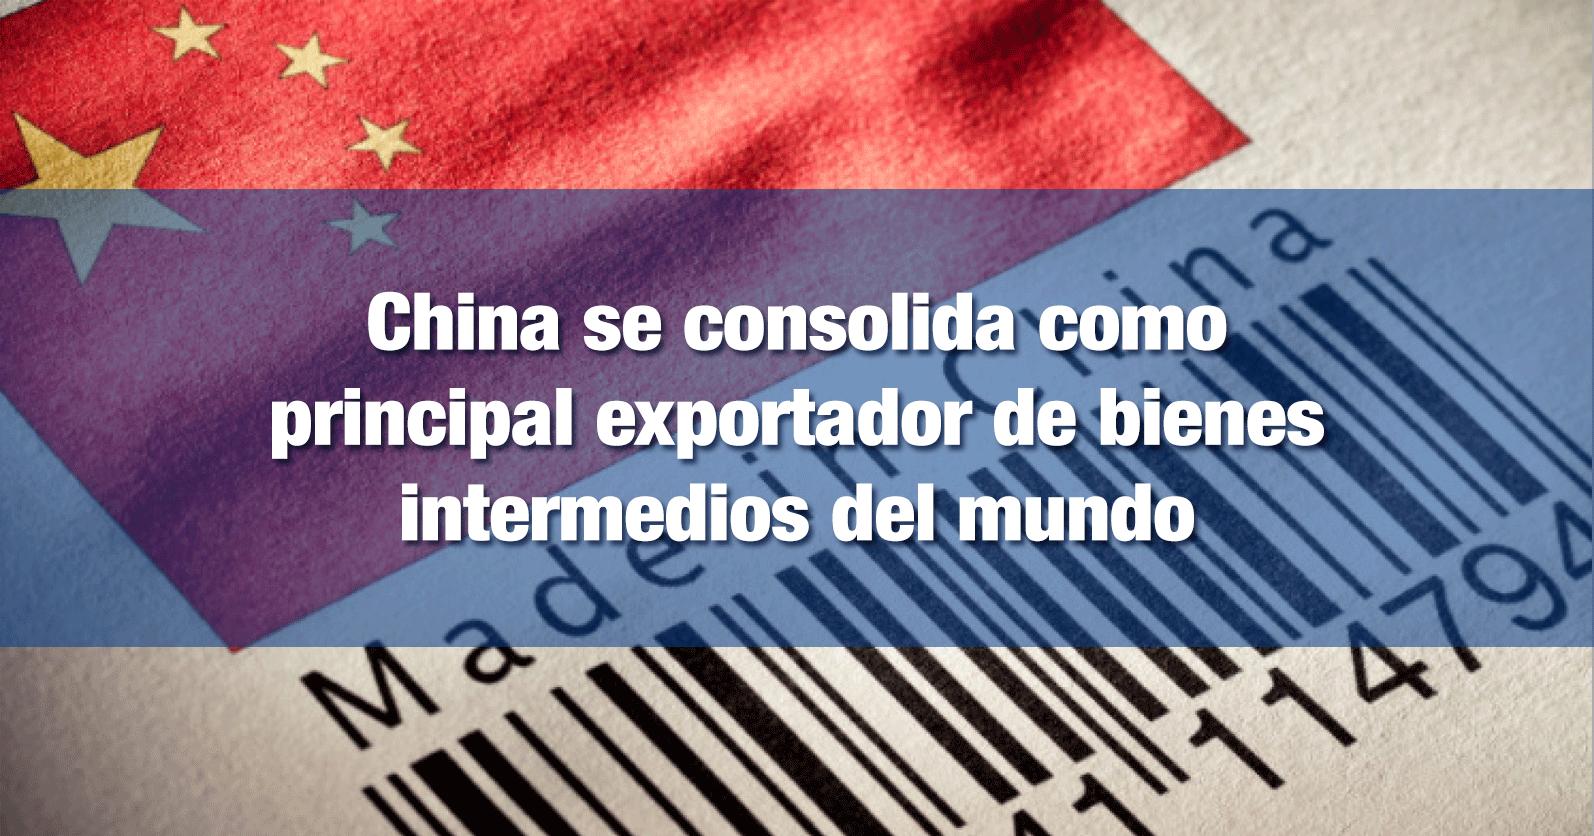 China se consolida como principal exportador de bienes intermedios del mundo